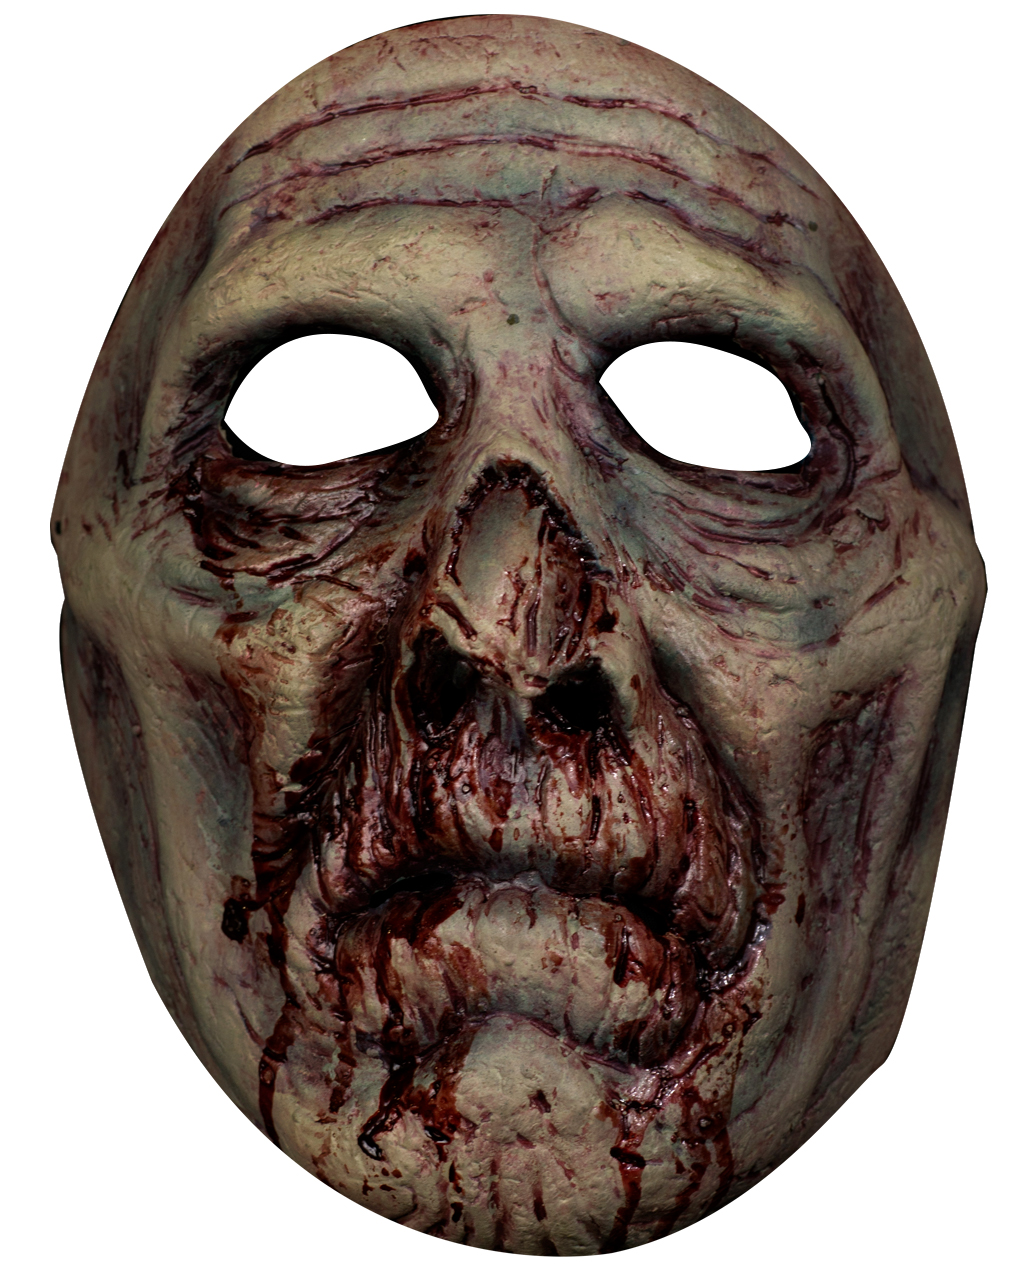 Bloody Zombie Schädel Horror Maske Halloween Party Karneval Faschingmaske Kostüm